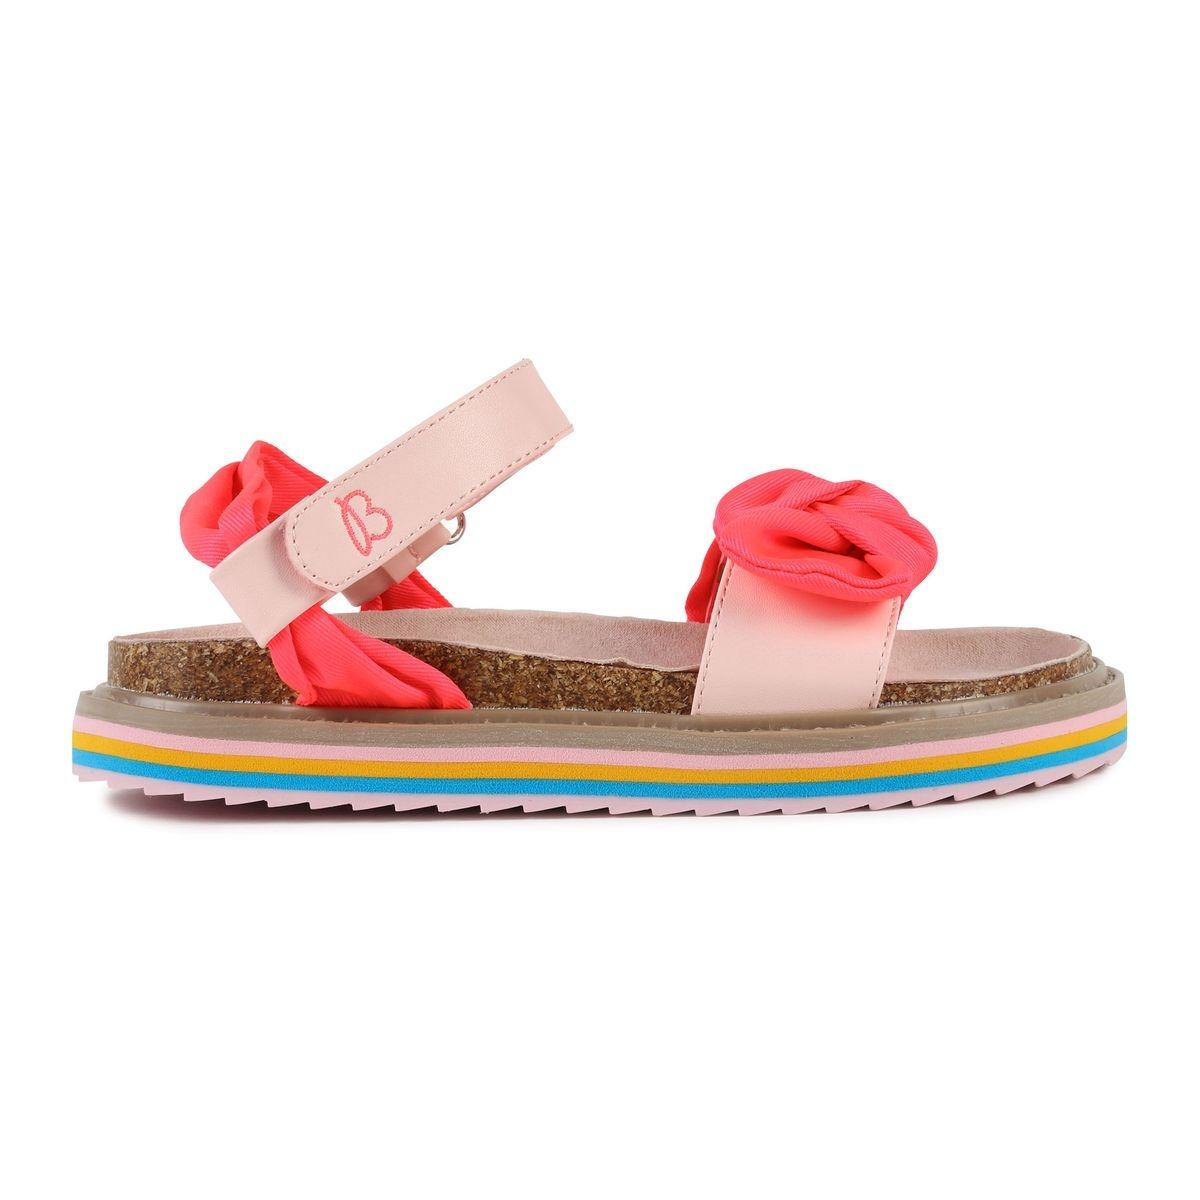 Sandales en textile avec noeud